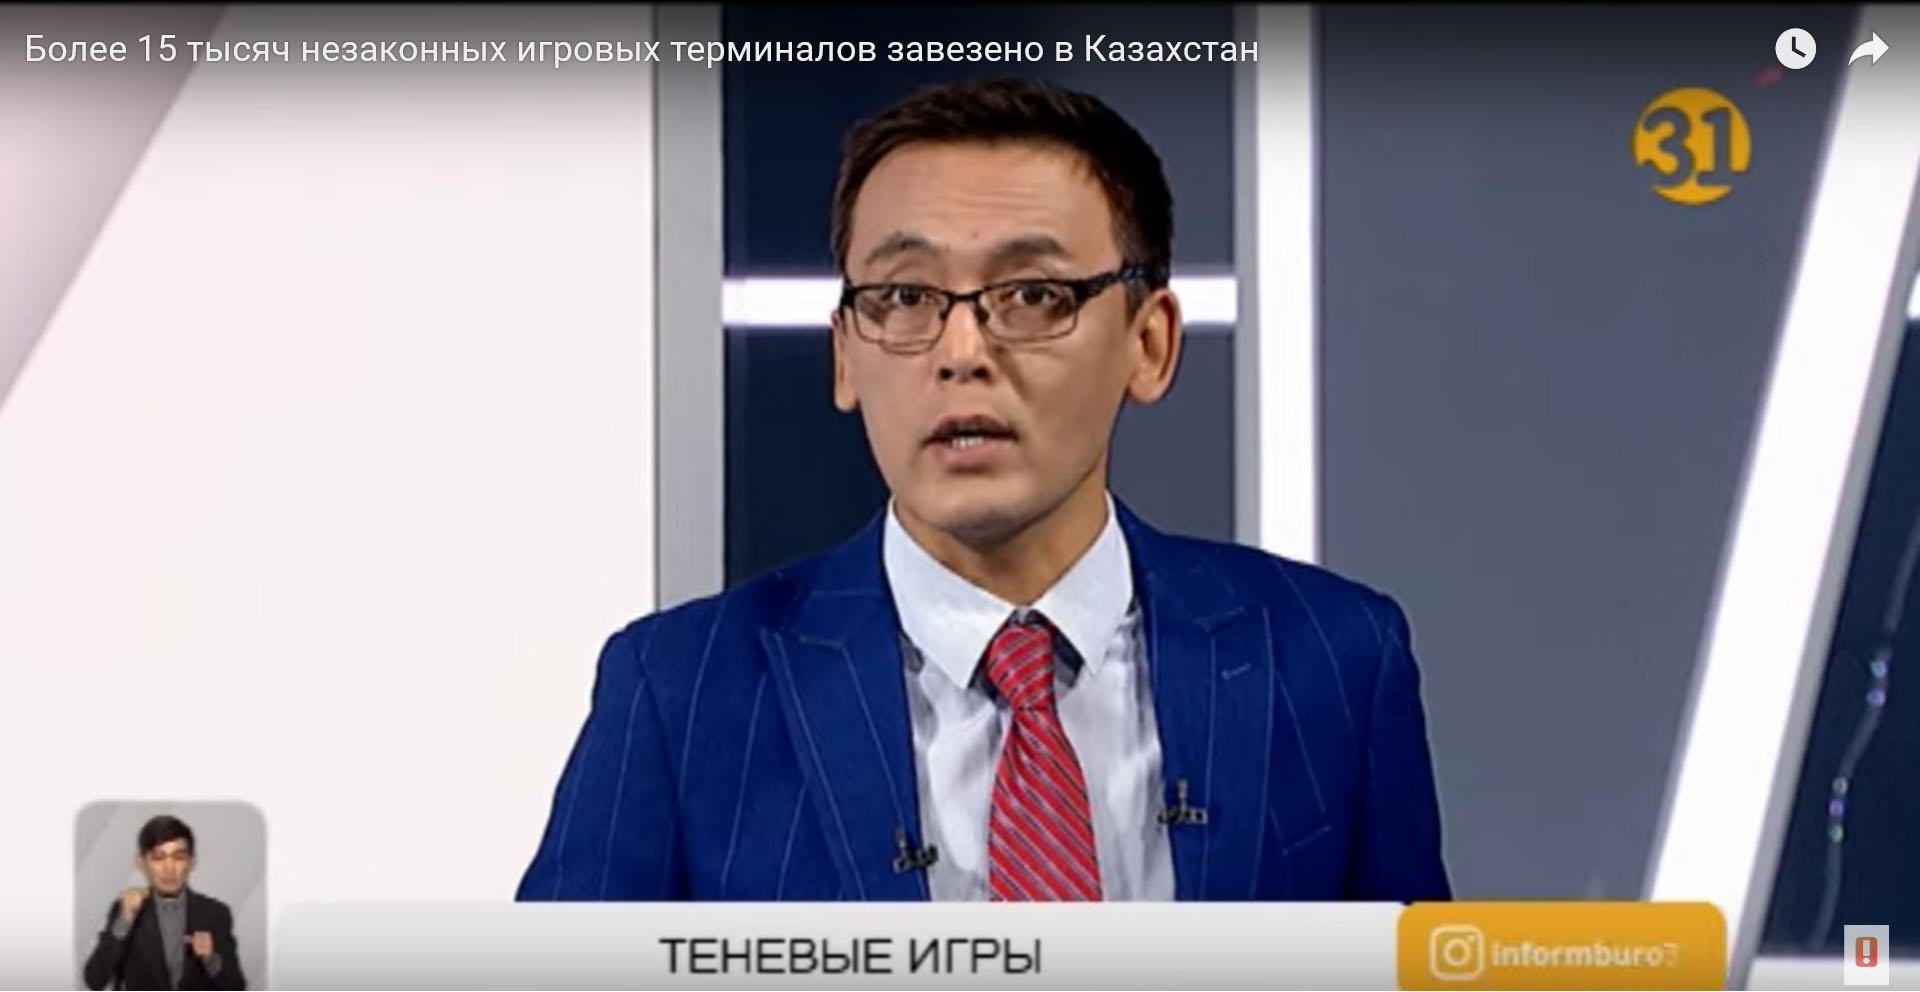 Более 15 тысяч незаконных игровых терминалов завезено в Казахстан